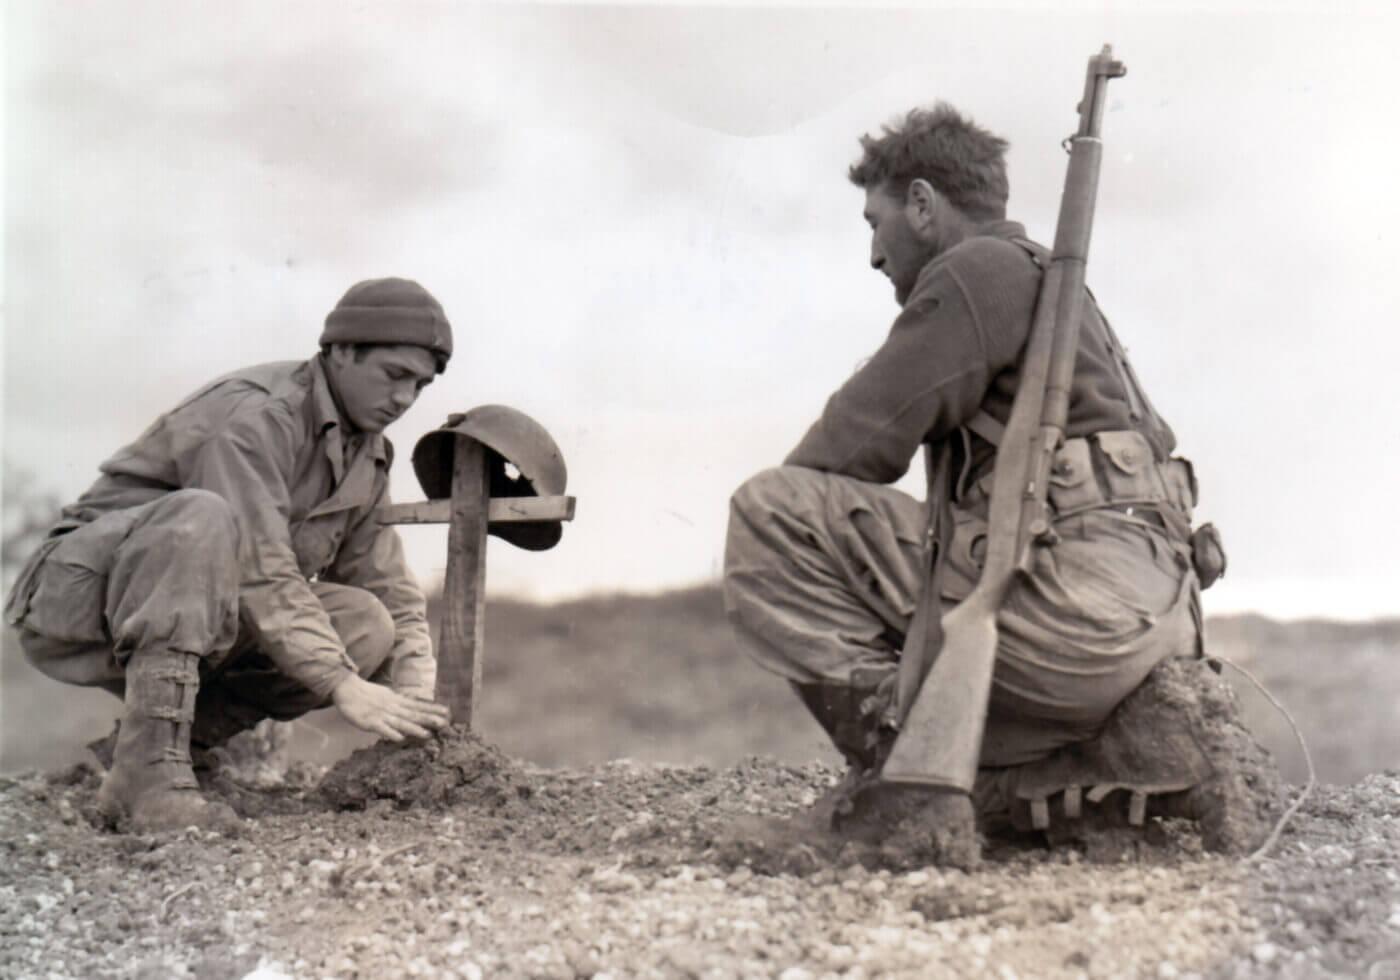 U.S. GIs mourn losses at Anzio